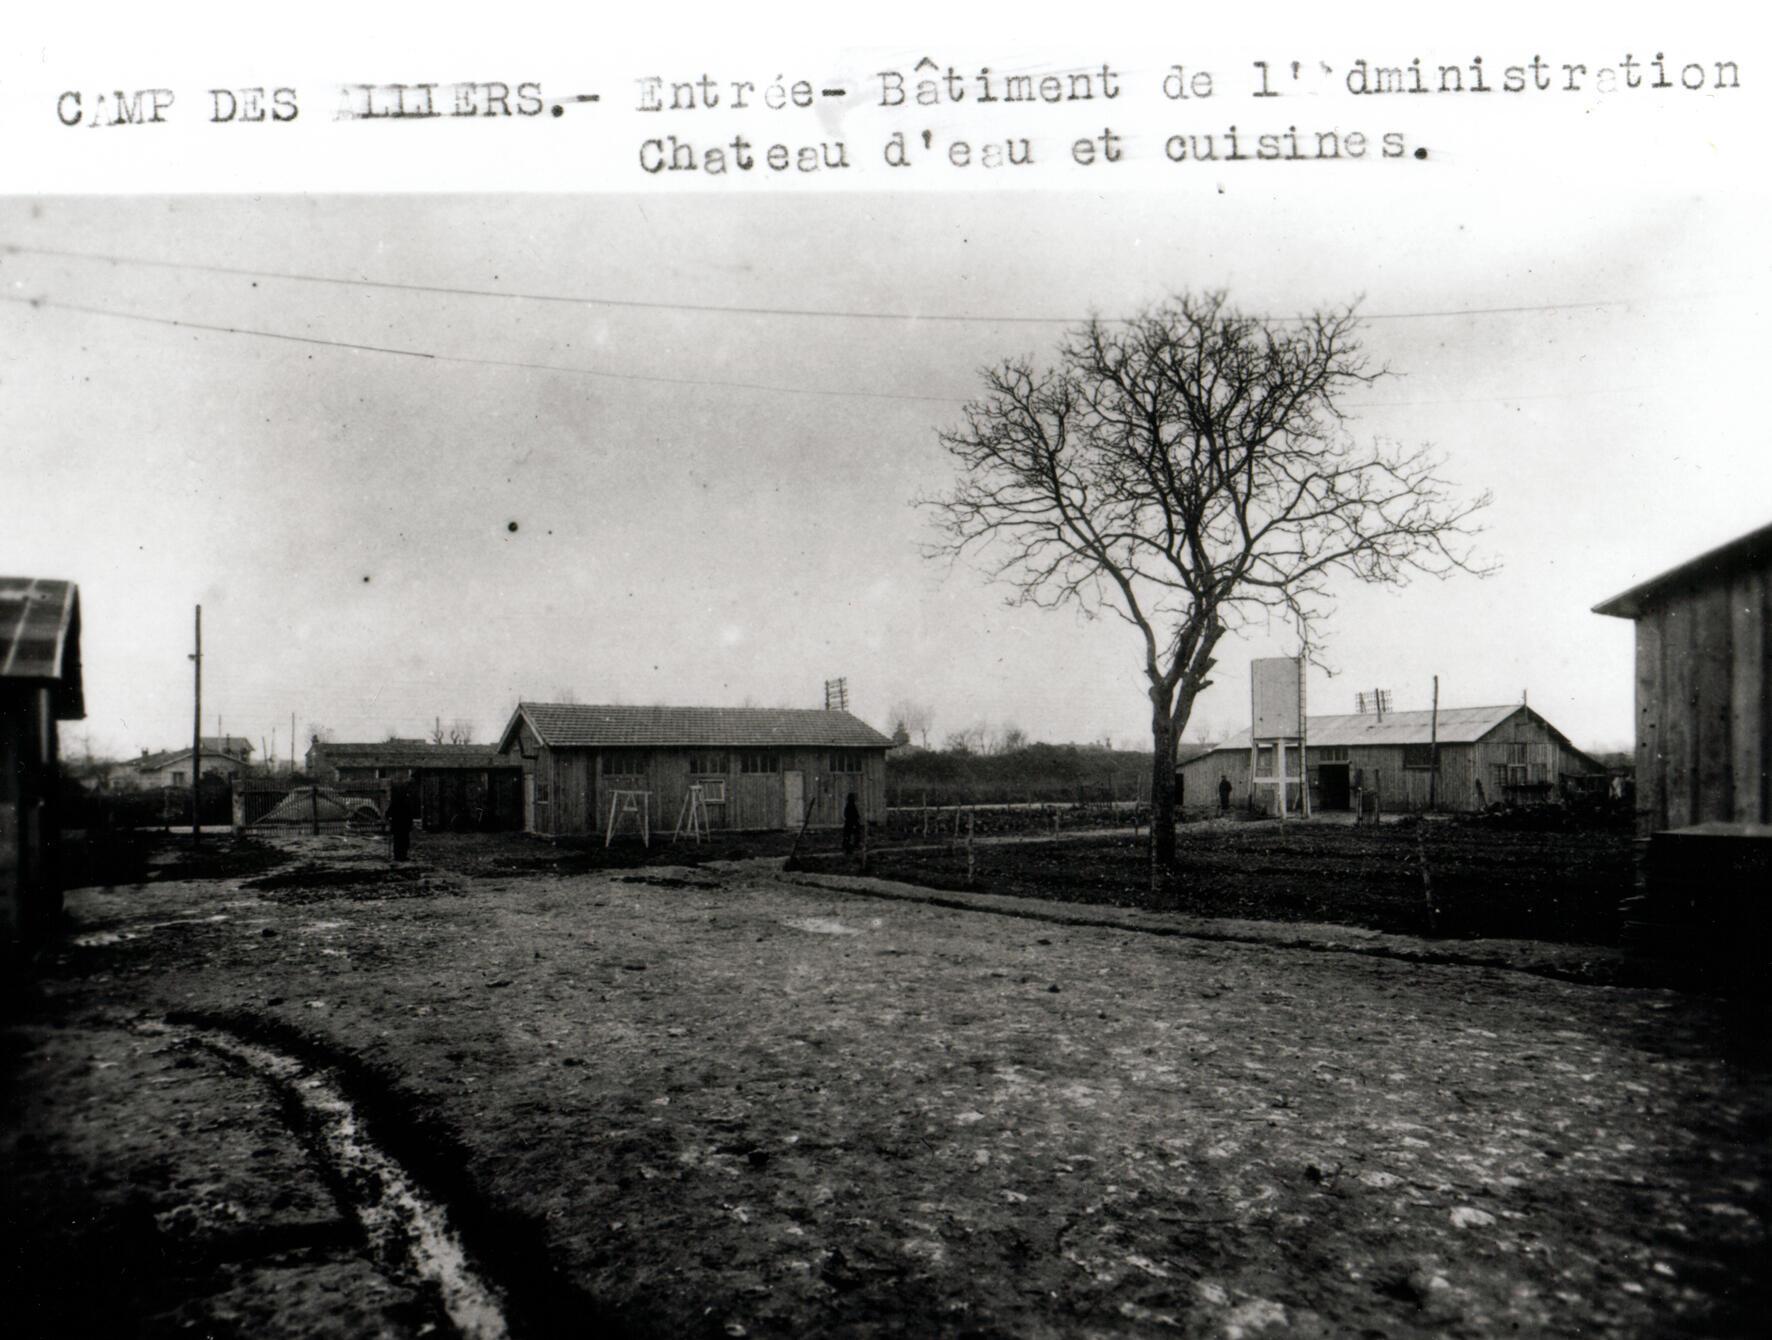 Le camp des Alliers à Angoulême.